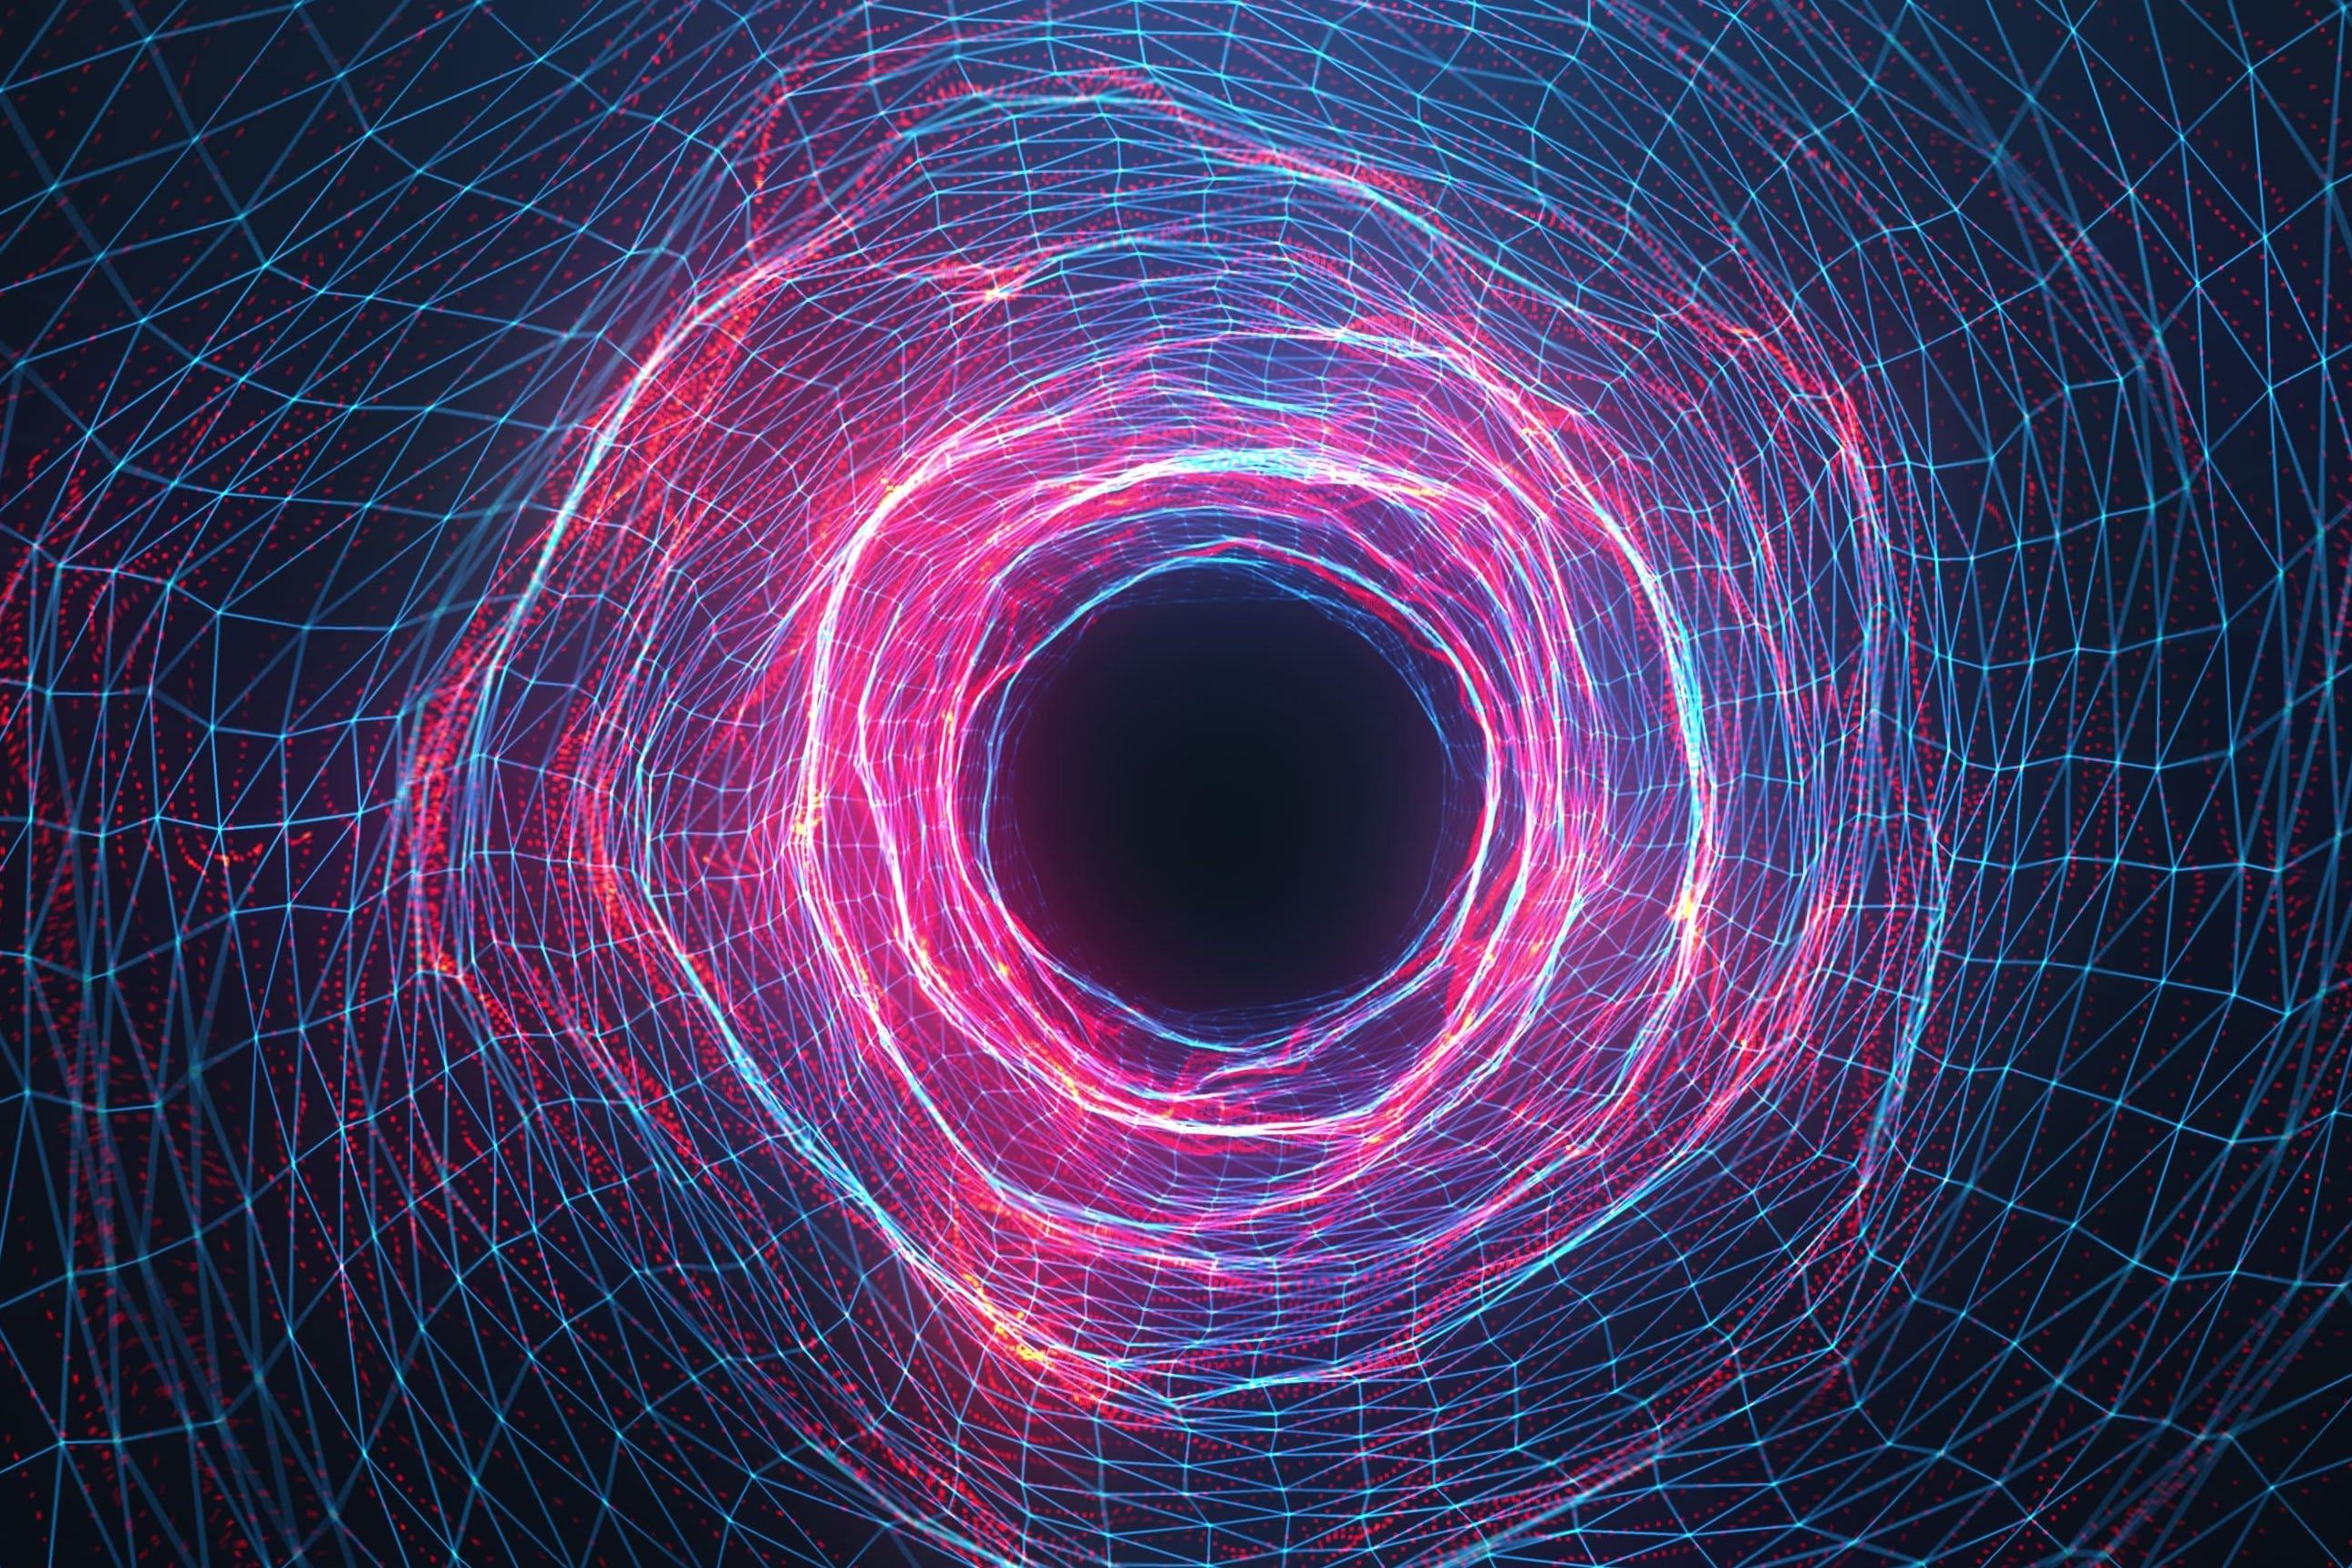 Биометрические технологии в офлайн-ритейле — знакомьтесь с материалами конференции